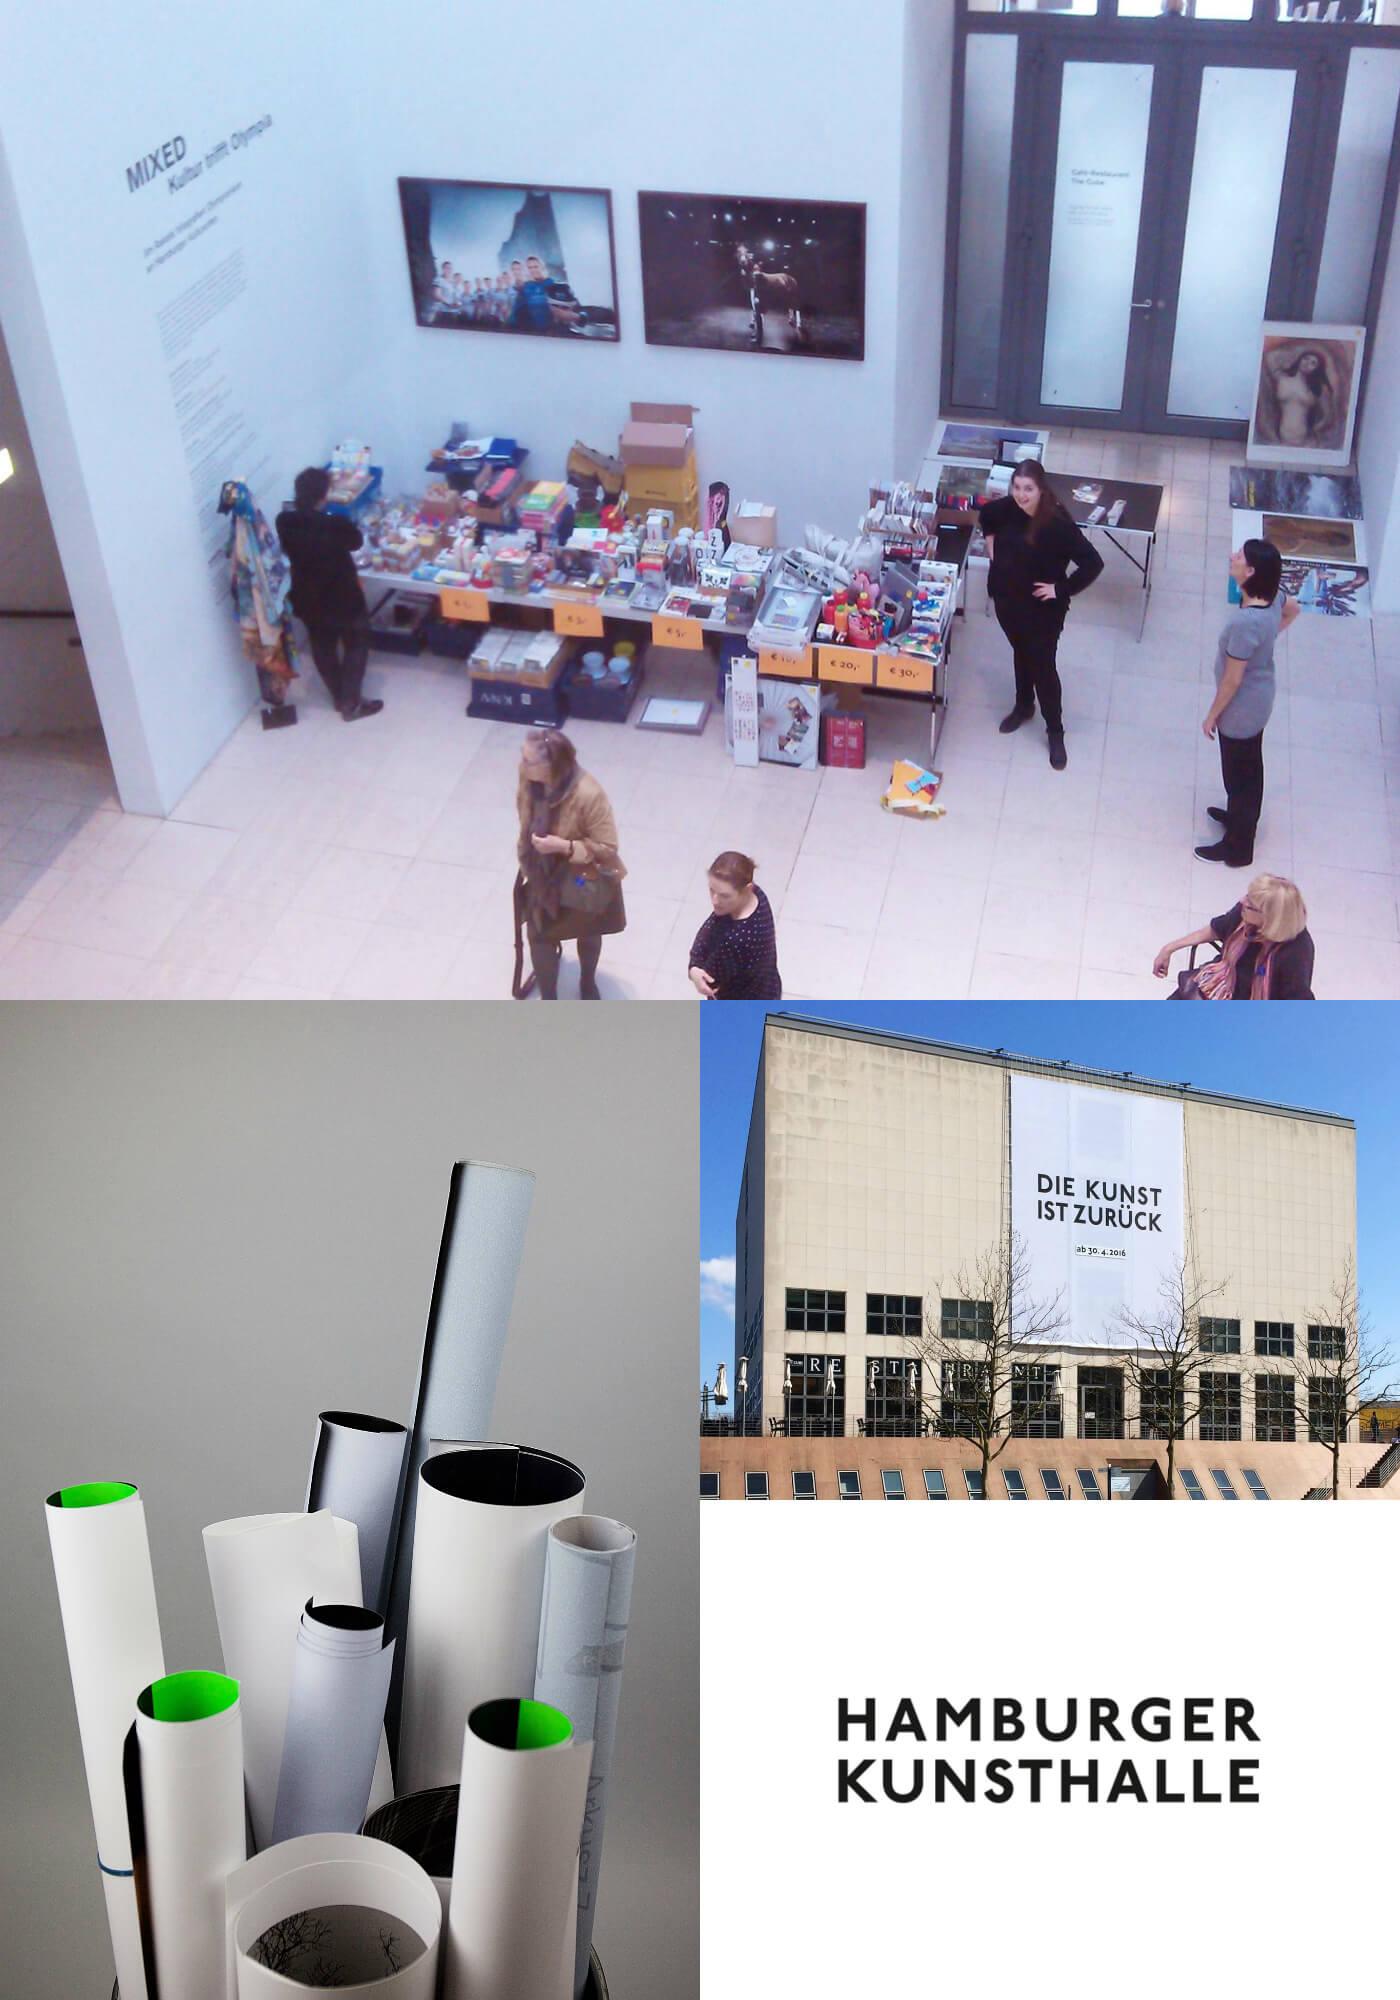 flohmarkt der hamburger kunsthalle der museumsshop die bibliothek machen platz f r neues. Black Bedroom Furniture Sets. Home Design Ideas